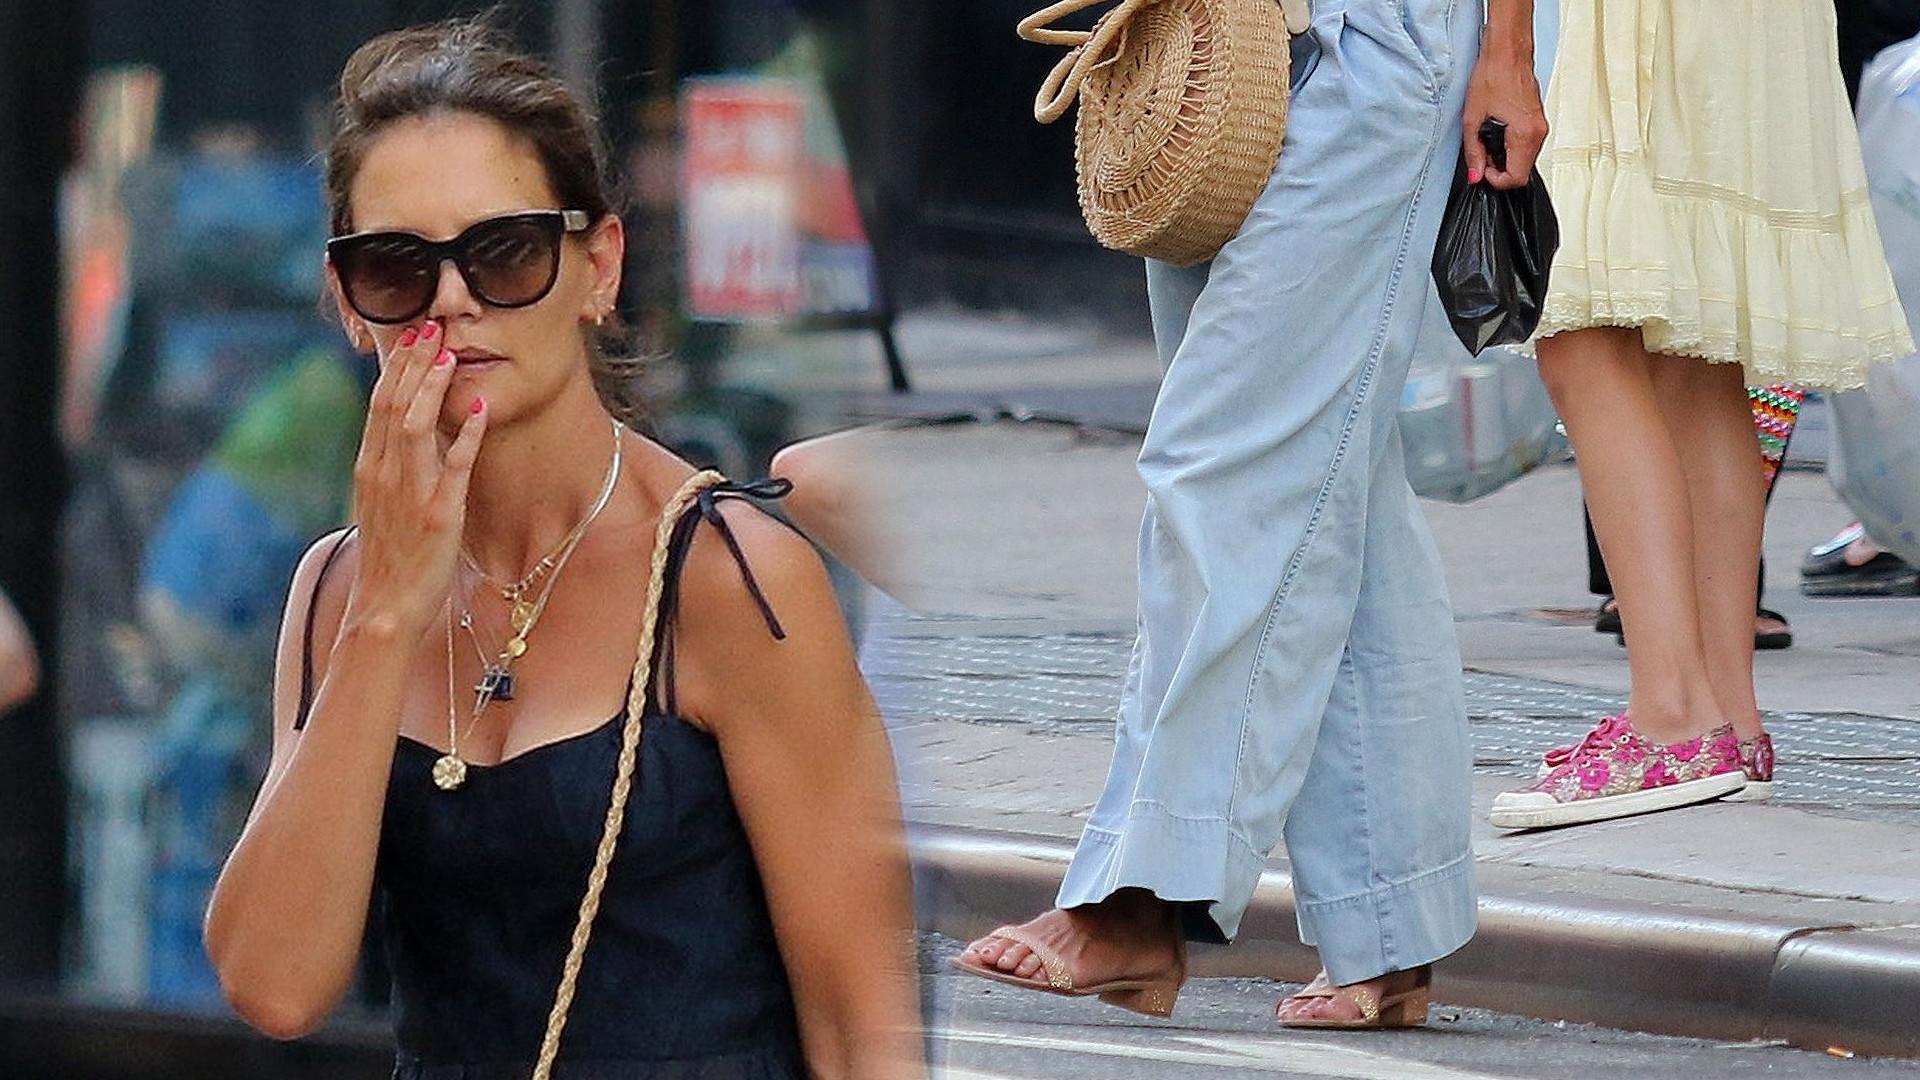 Katie Holmes w luźnych spodniach – faktycznie jest w ciąży? (ZDJĘCIA)